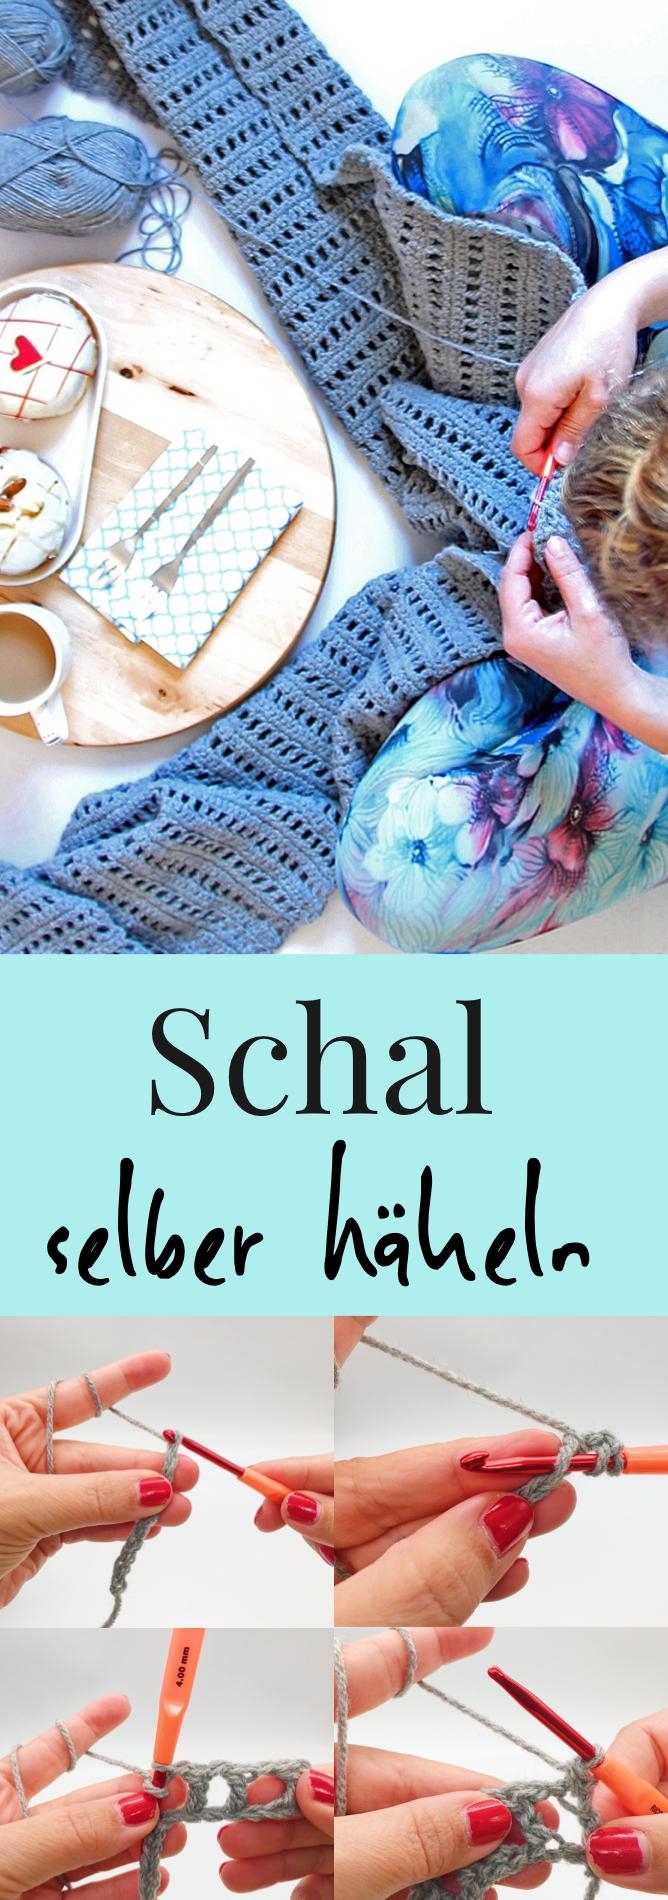 Schal Häkeln Einfache Häkelanleitung Für Einen Schal Häkeln